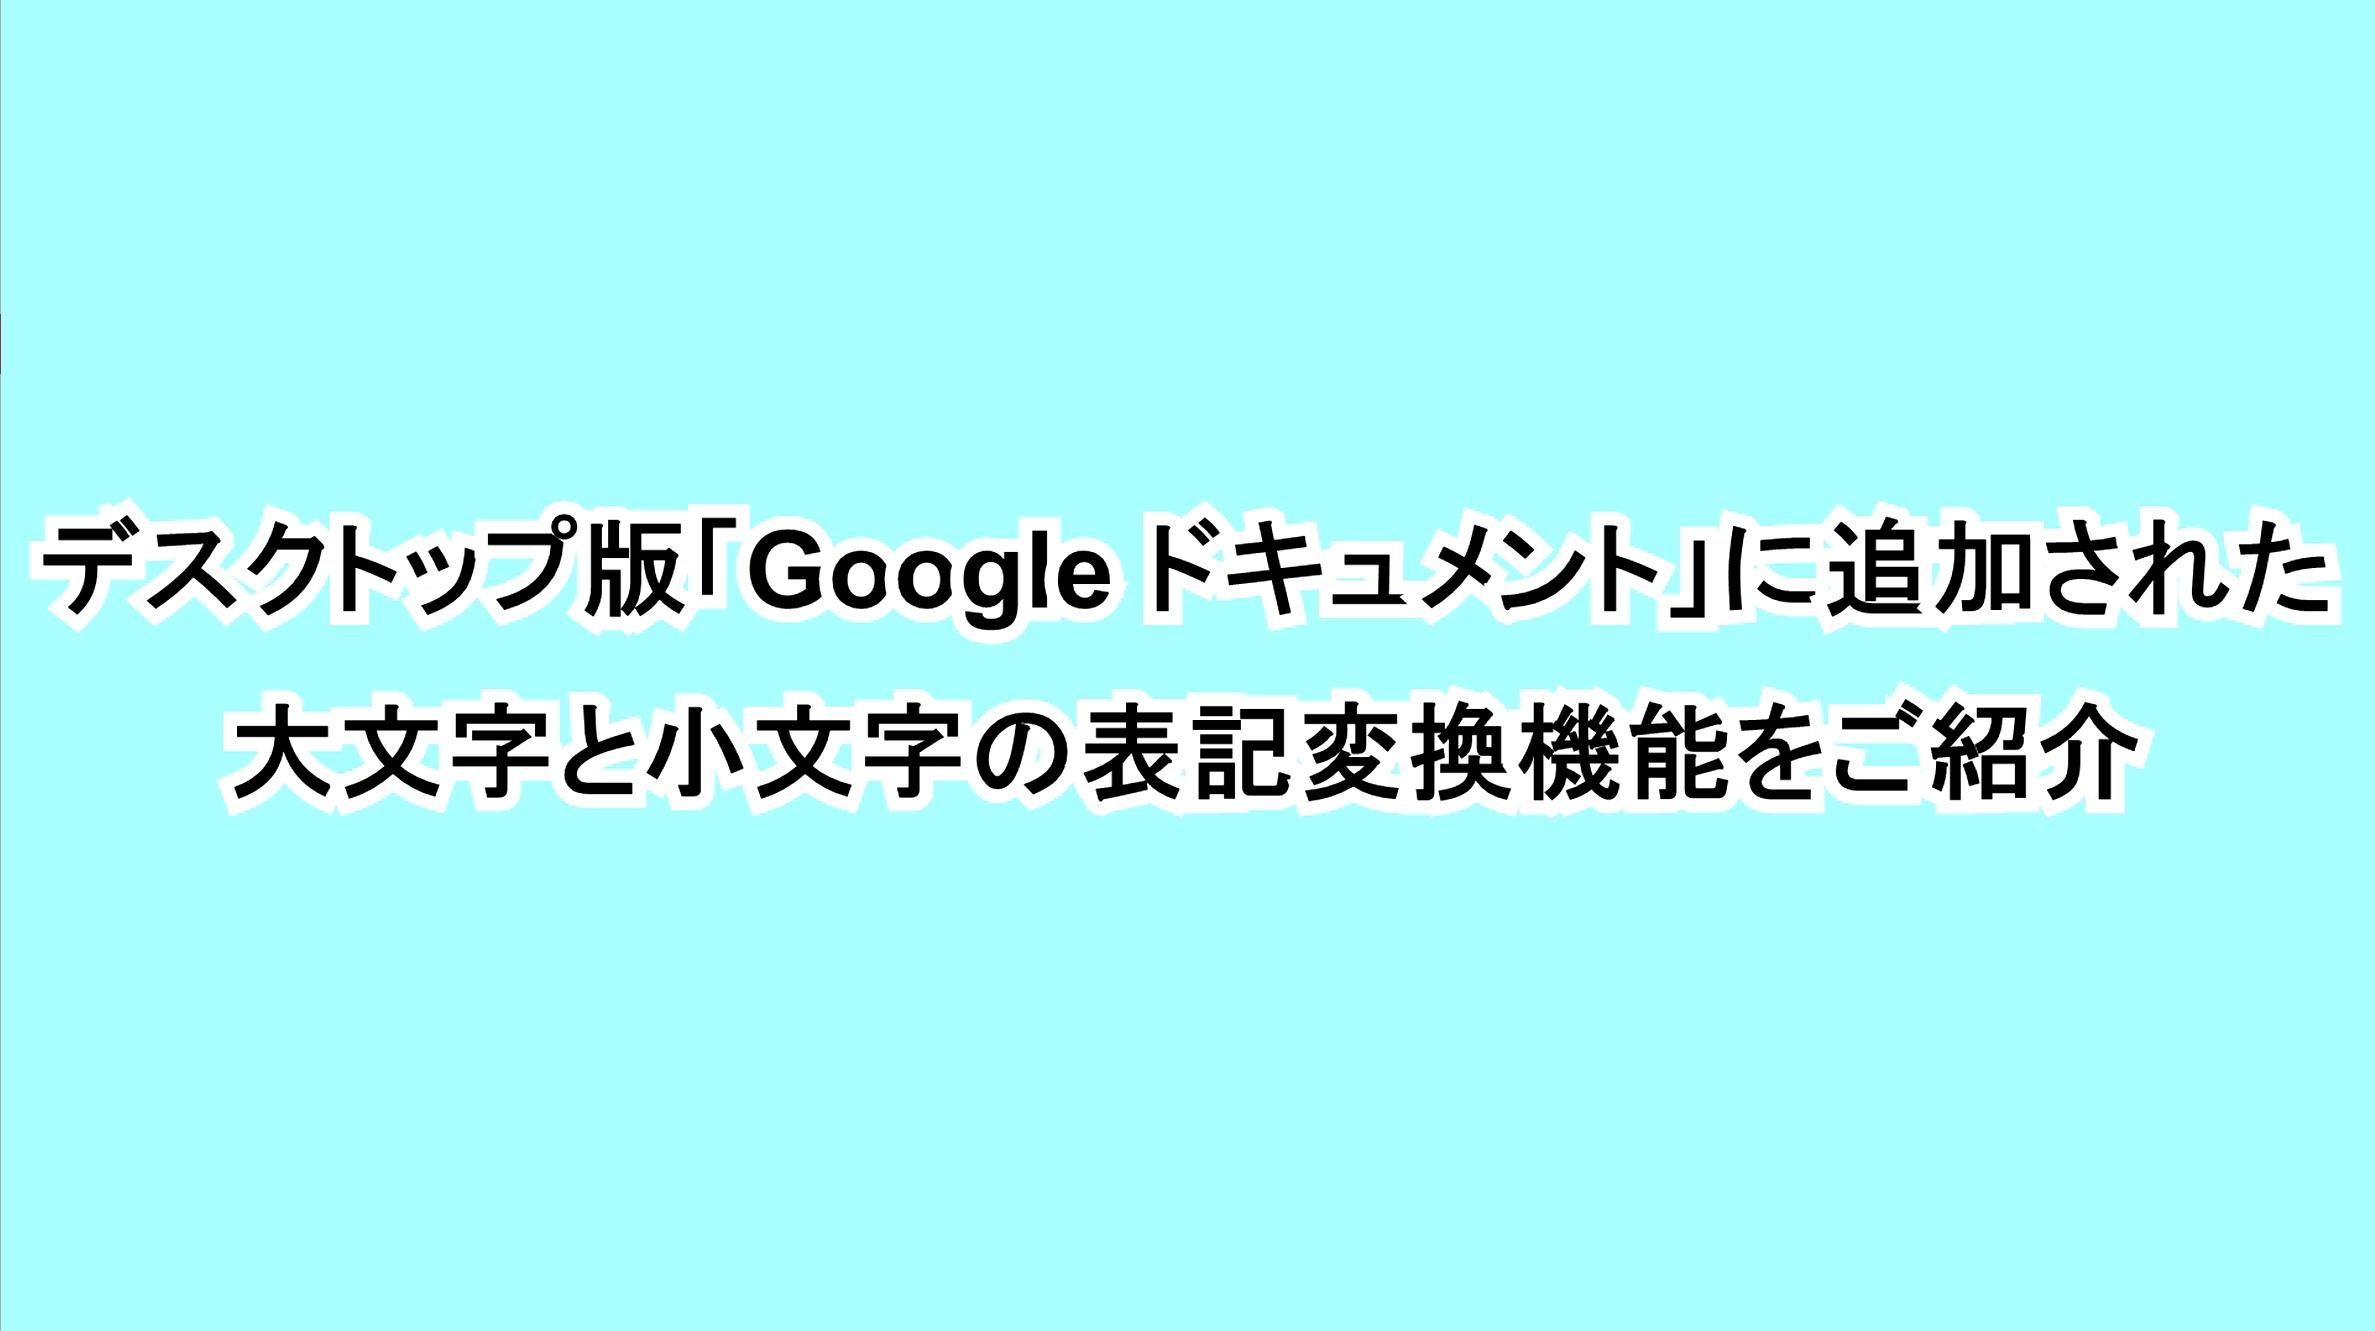 デスクトップ版「Google ドキュメント」に追加された大文字と小文字の表記変換機能をご紹介